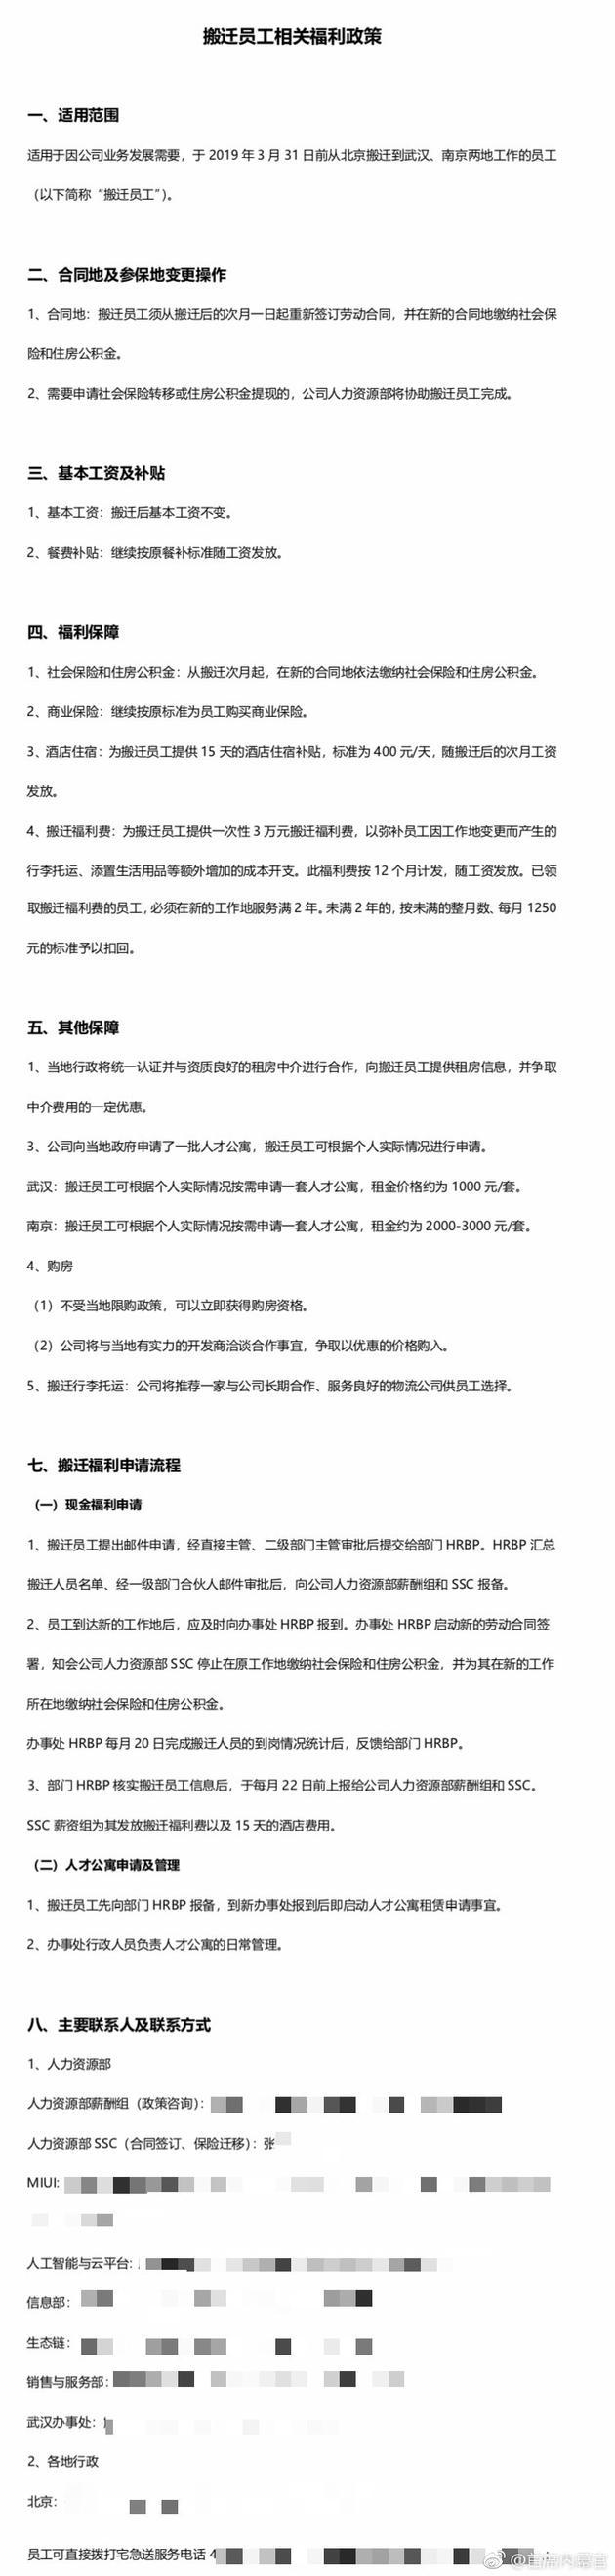 网曝小米员工从北京迁往武汉南京政策:可获3万元补贴的照片 - 3